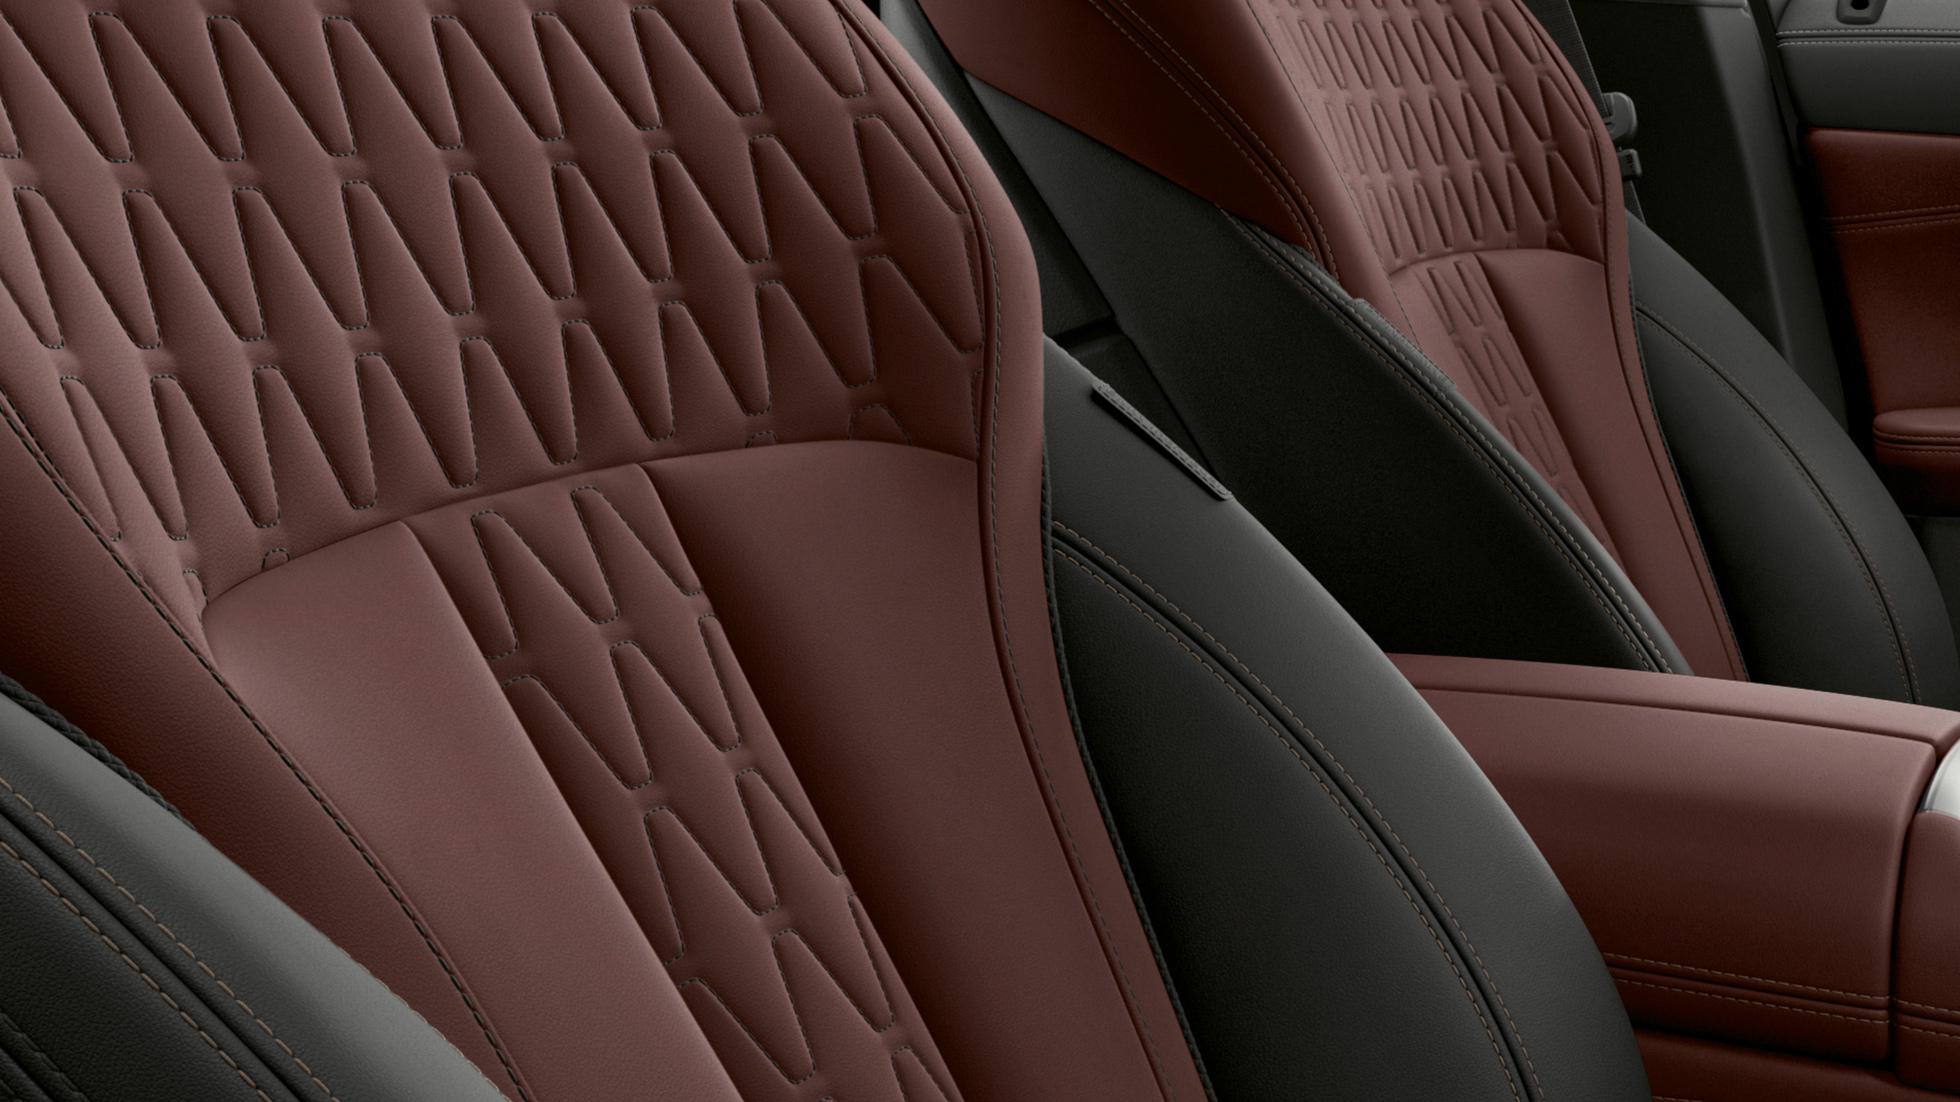 BMW X6 Individual, фотография интерьера с фокусом на отделке